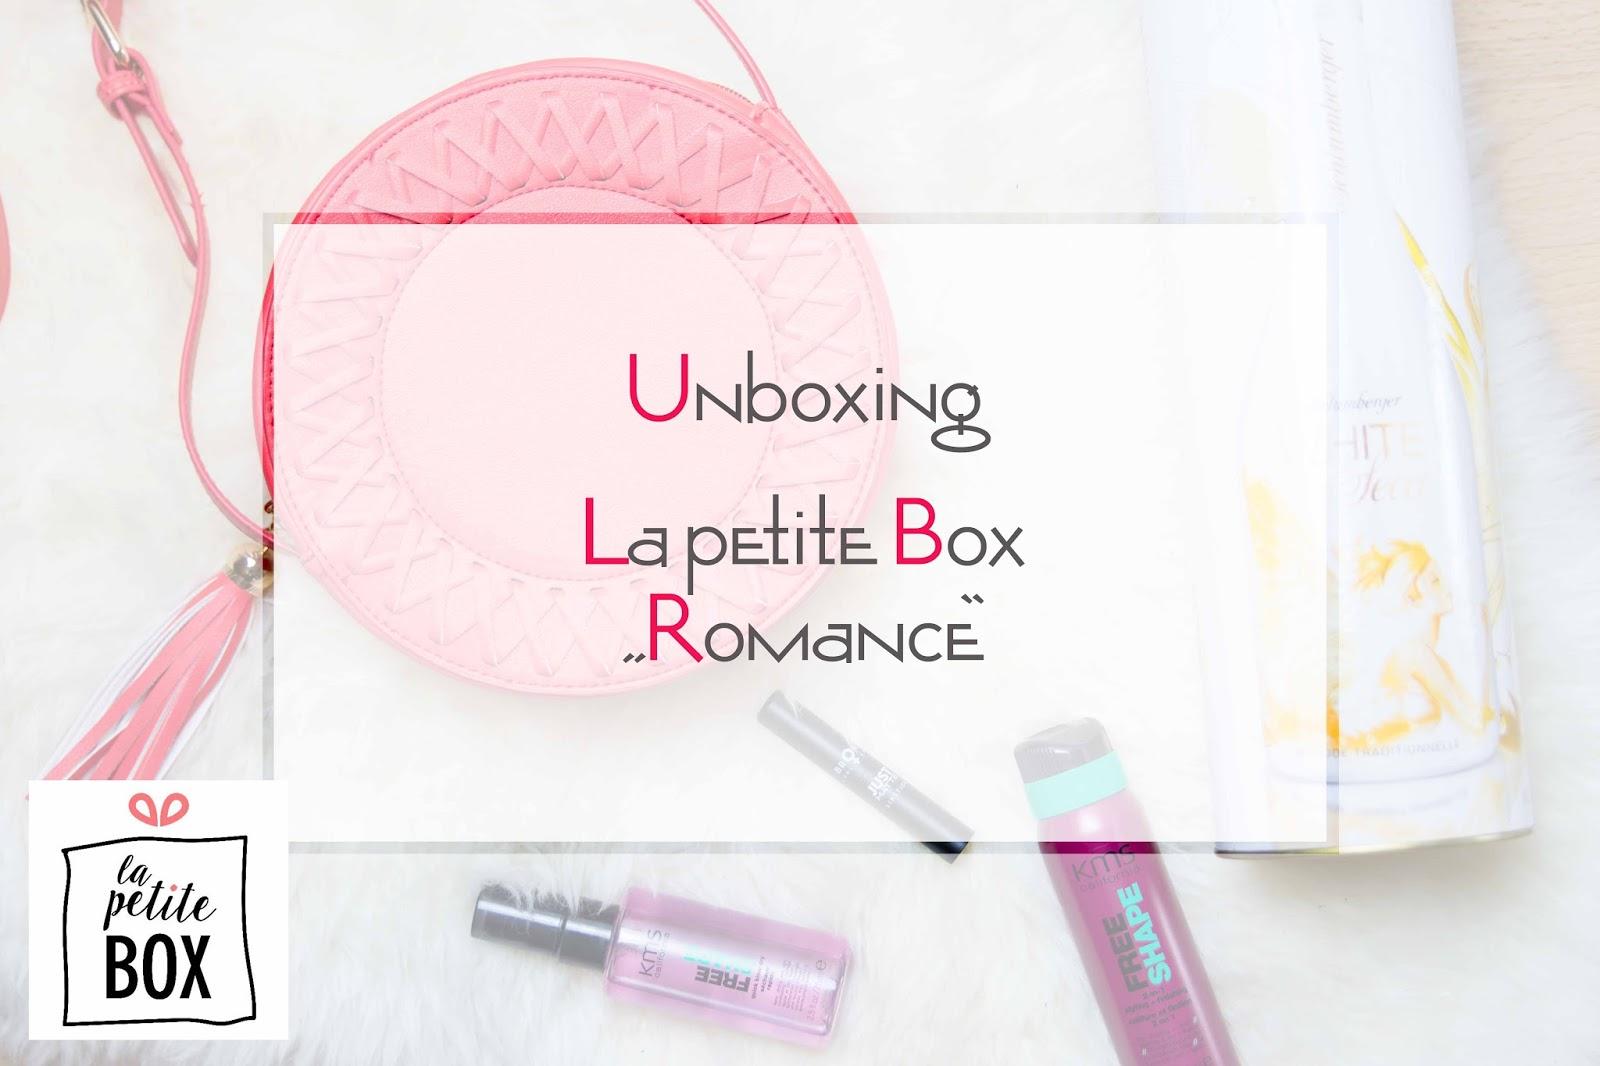 Unboxing La petite Box Februar Romance Titelbild